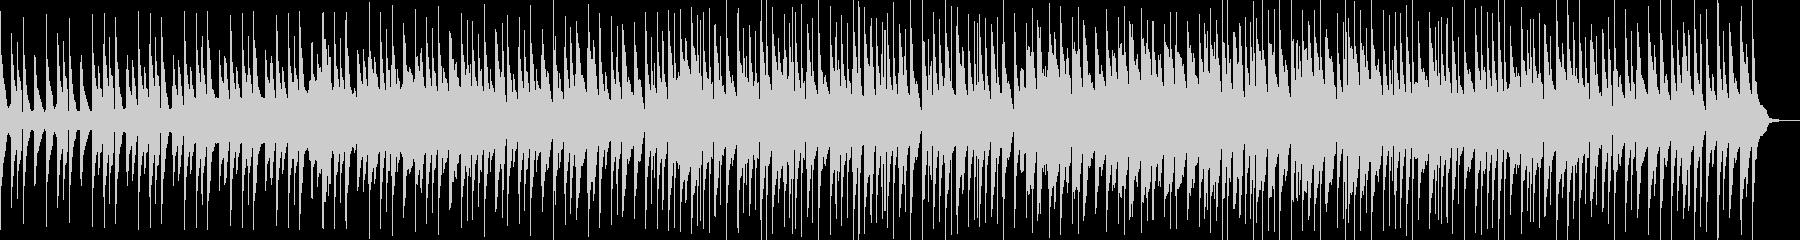 動画 サスペンス ハイテク エレキ...の未再生の波形